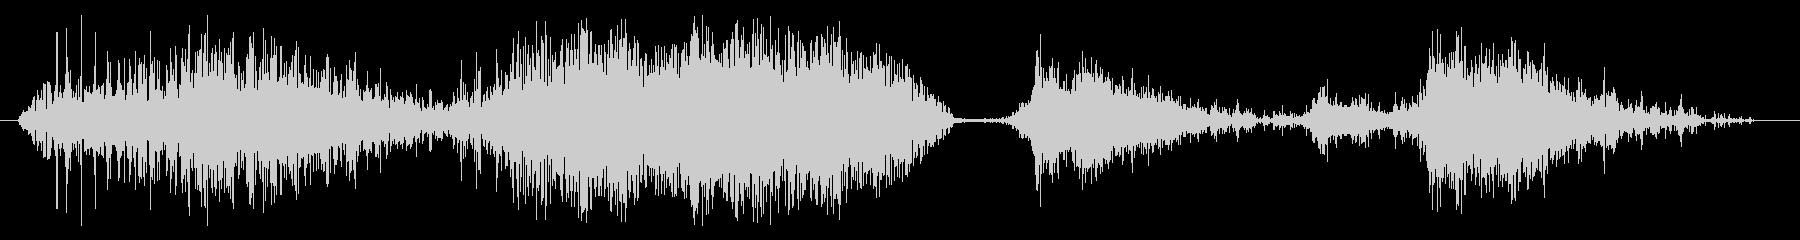 グーシーウォータースクイッシュ、フォリーの未再生の波形